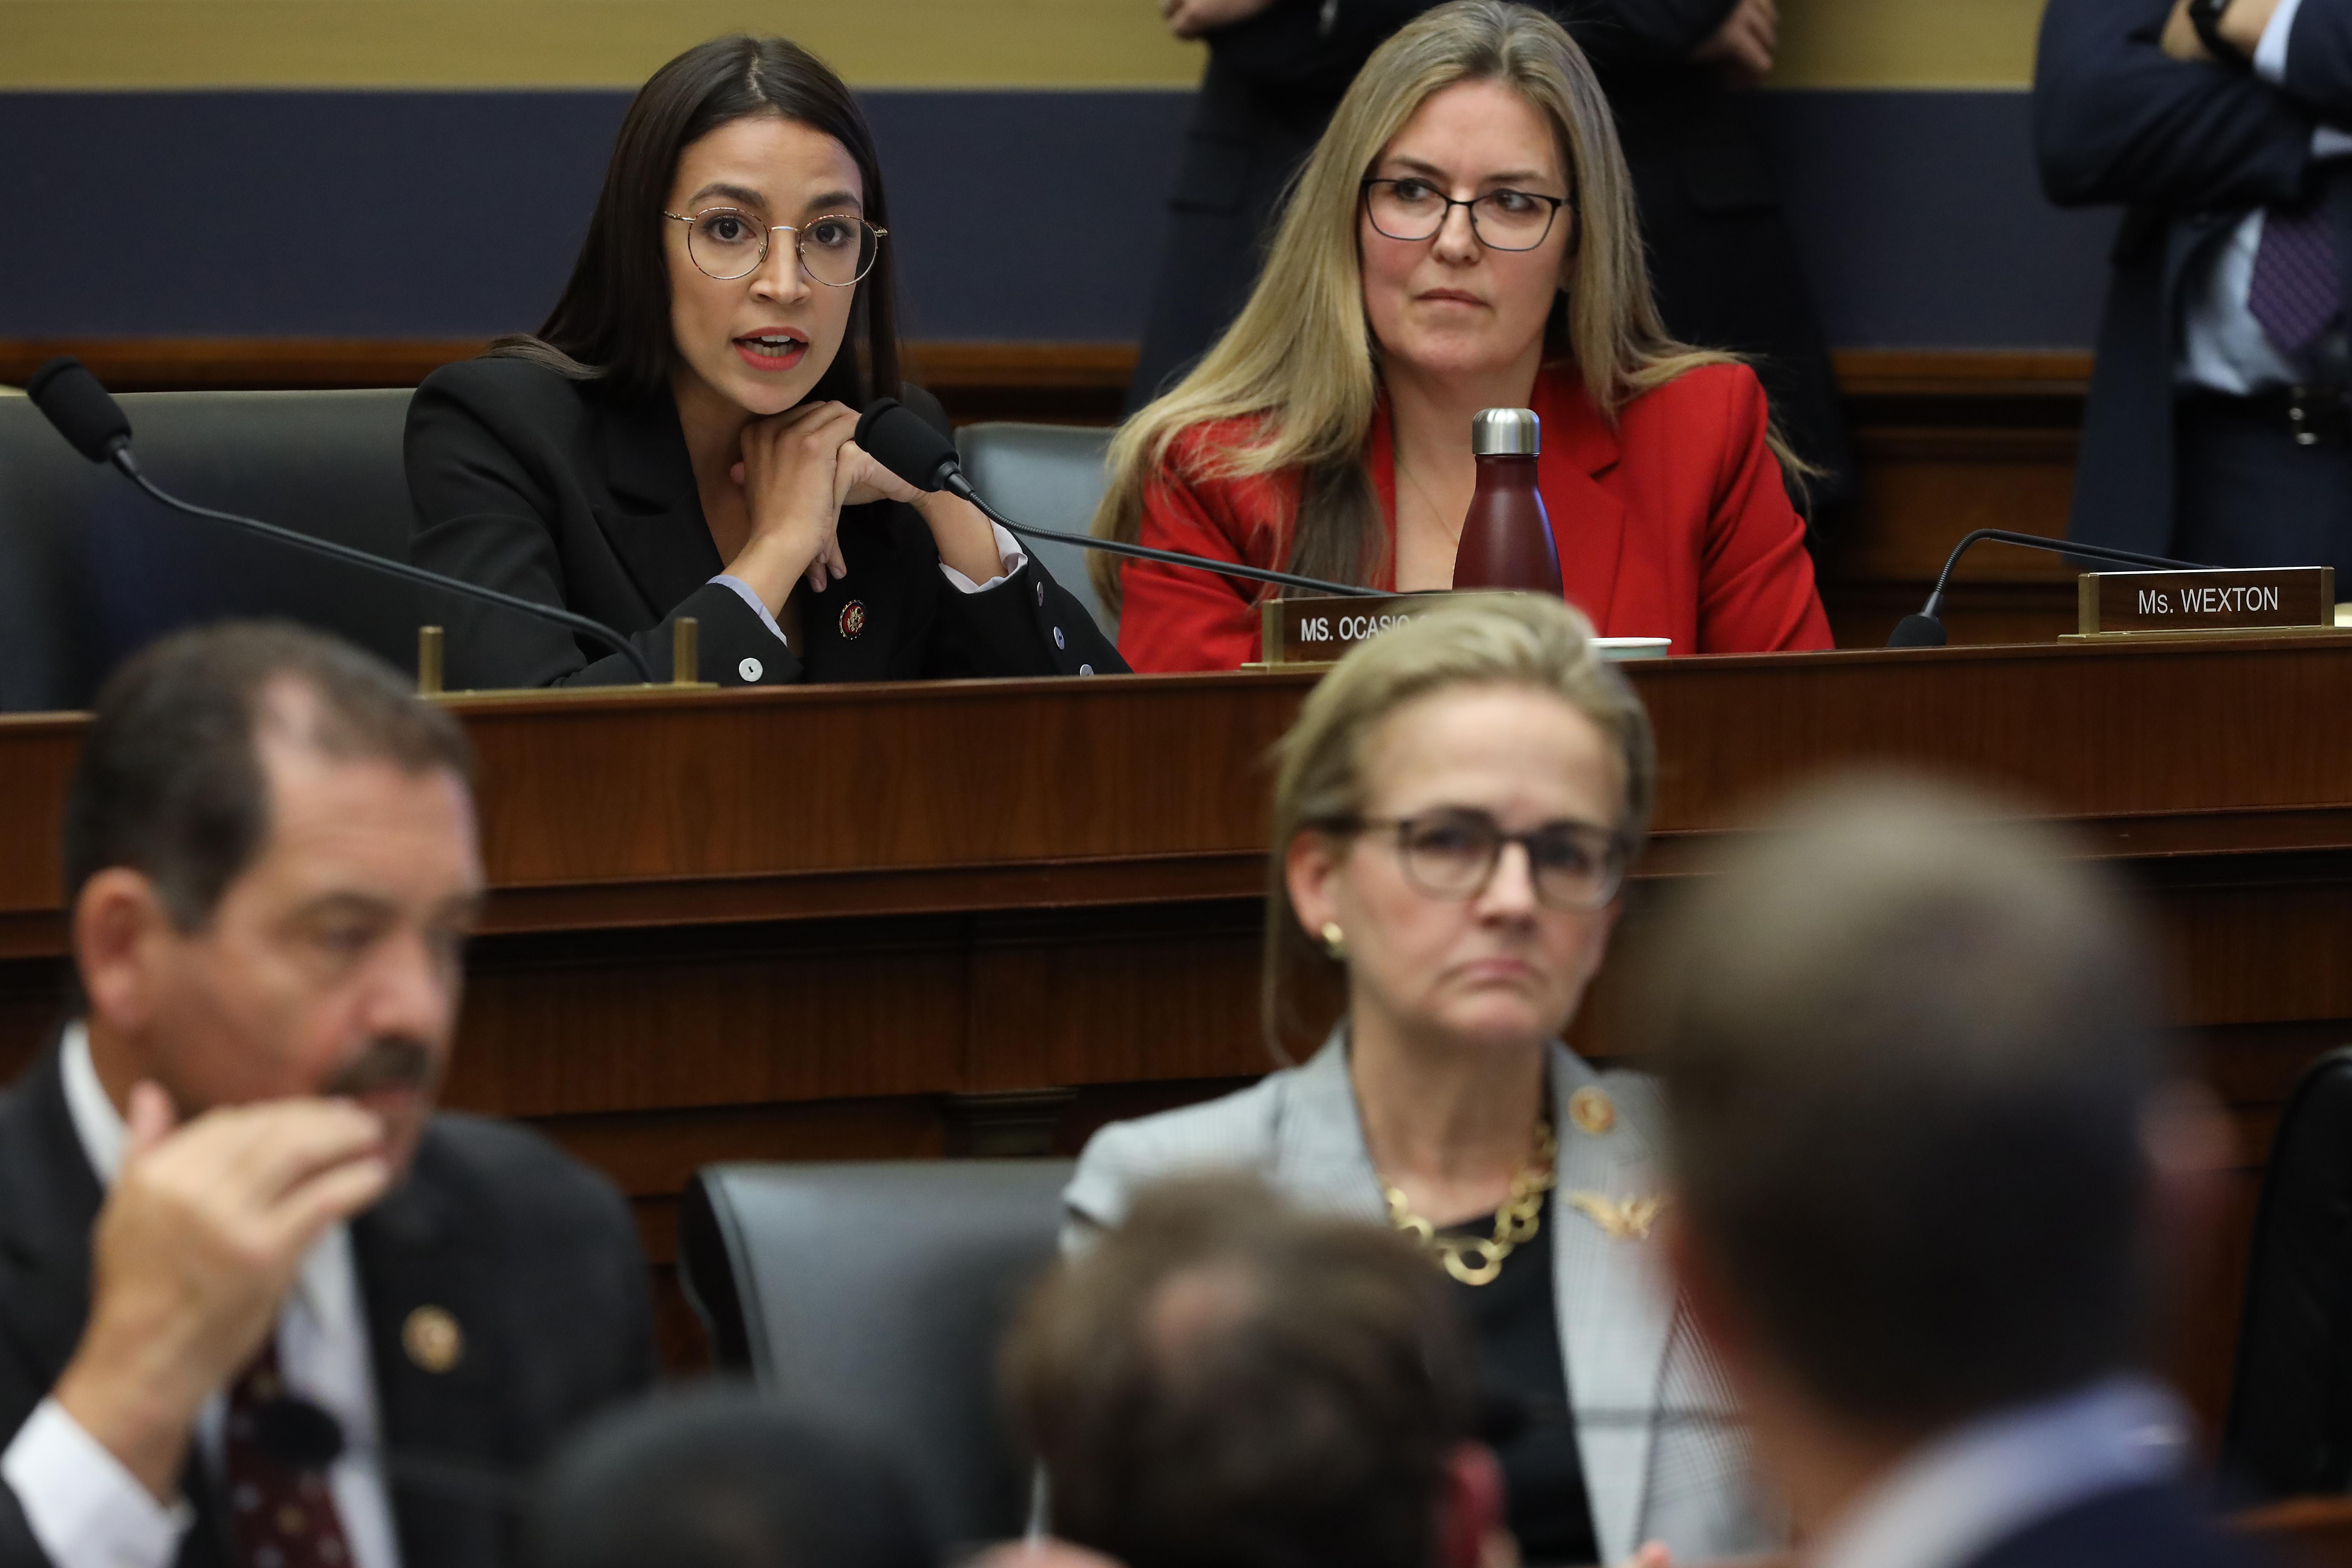 Mekkorát hazudhat egy politikus fizetett Facebook-hirdetésben?